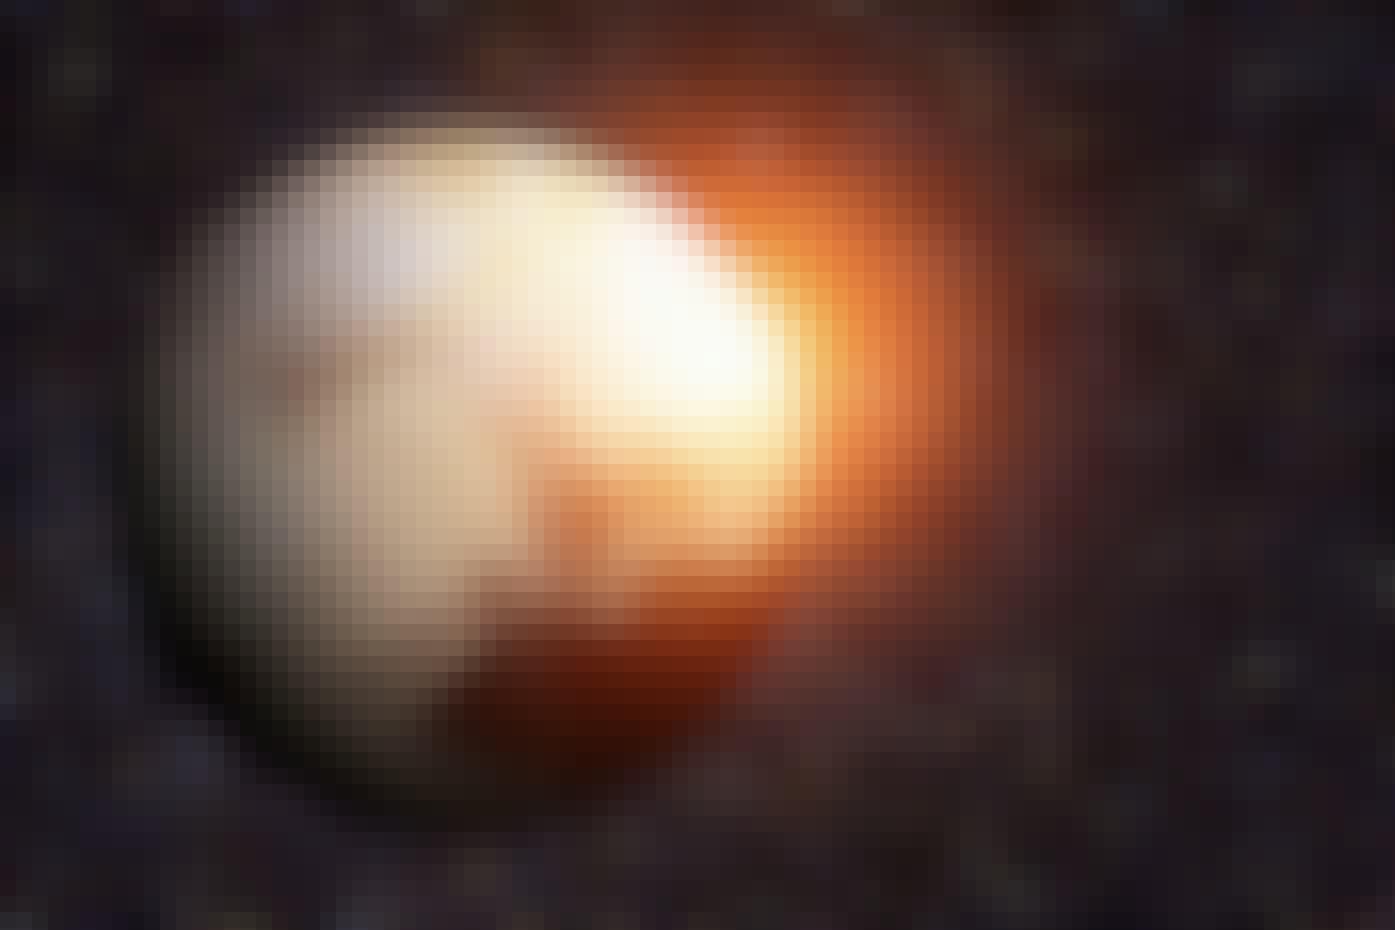 planet_pluto